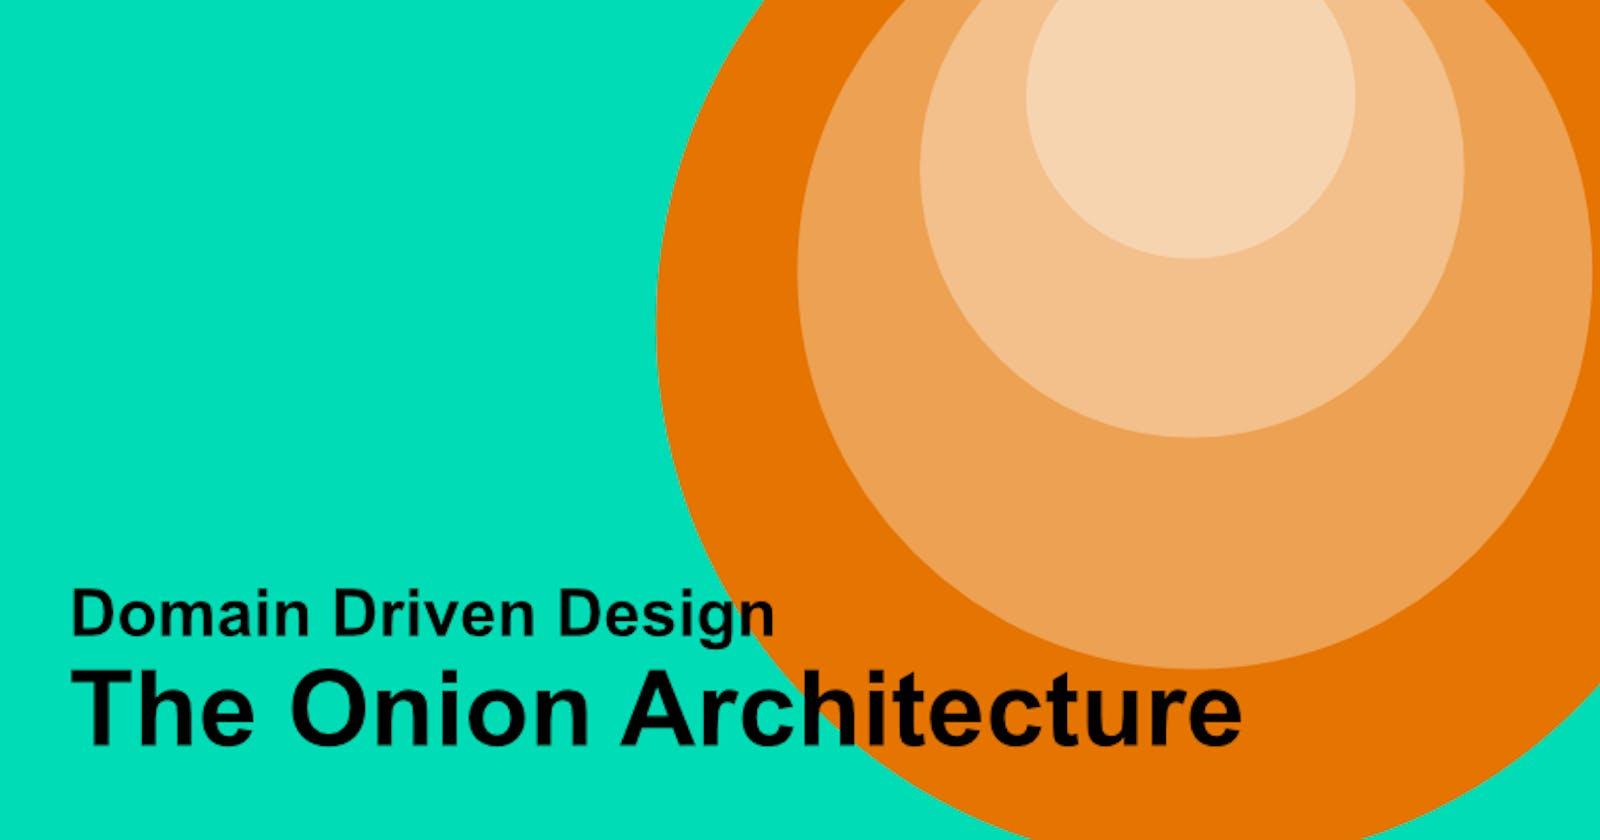 Domain Driven Design and The Onion Architecture